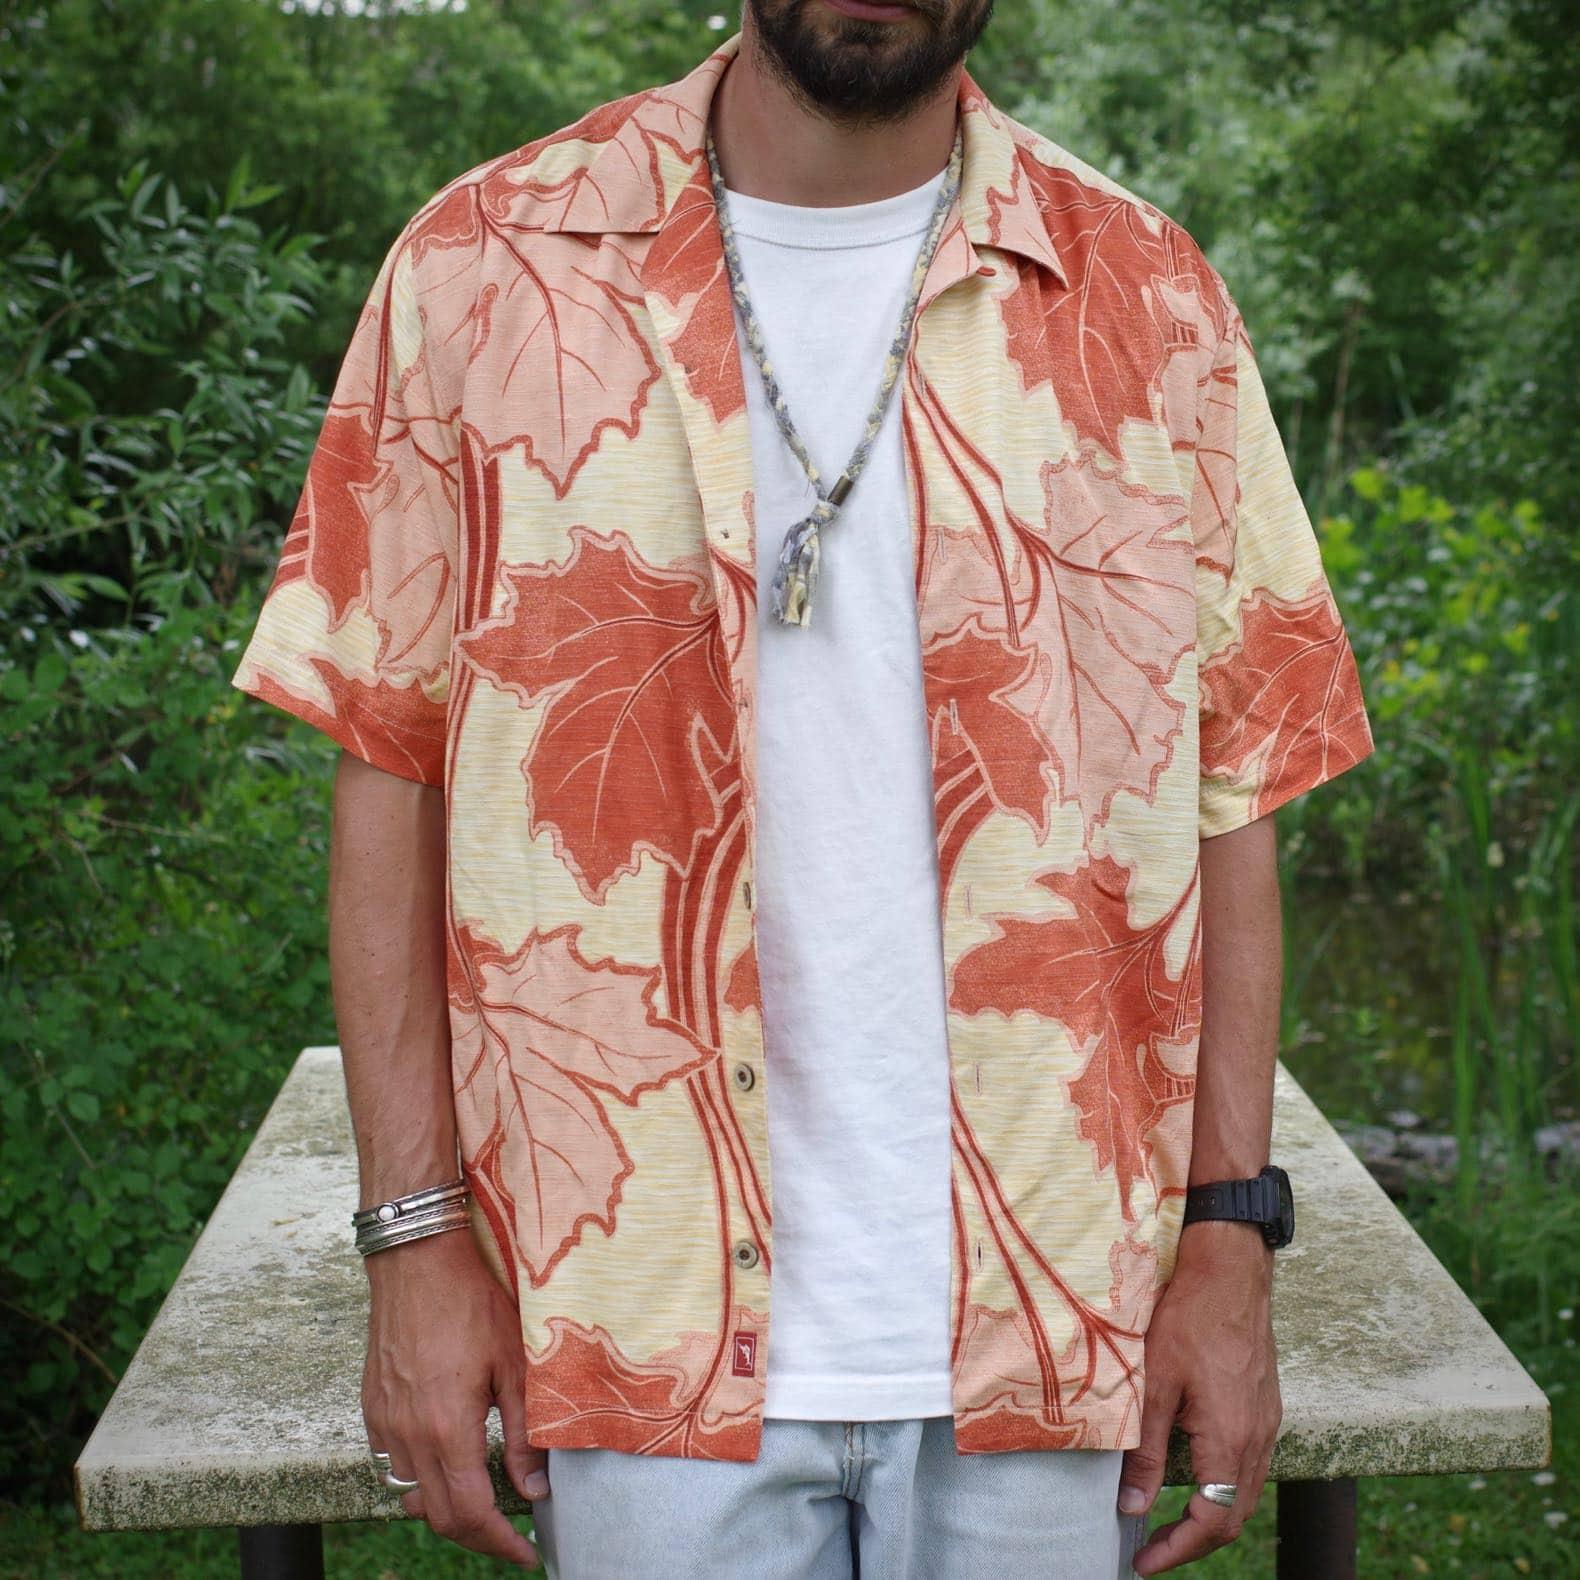 chemisette larhe pour l'été